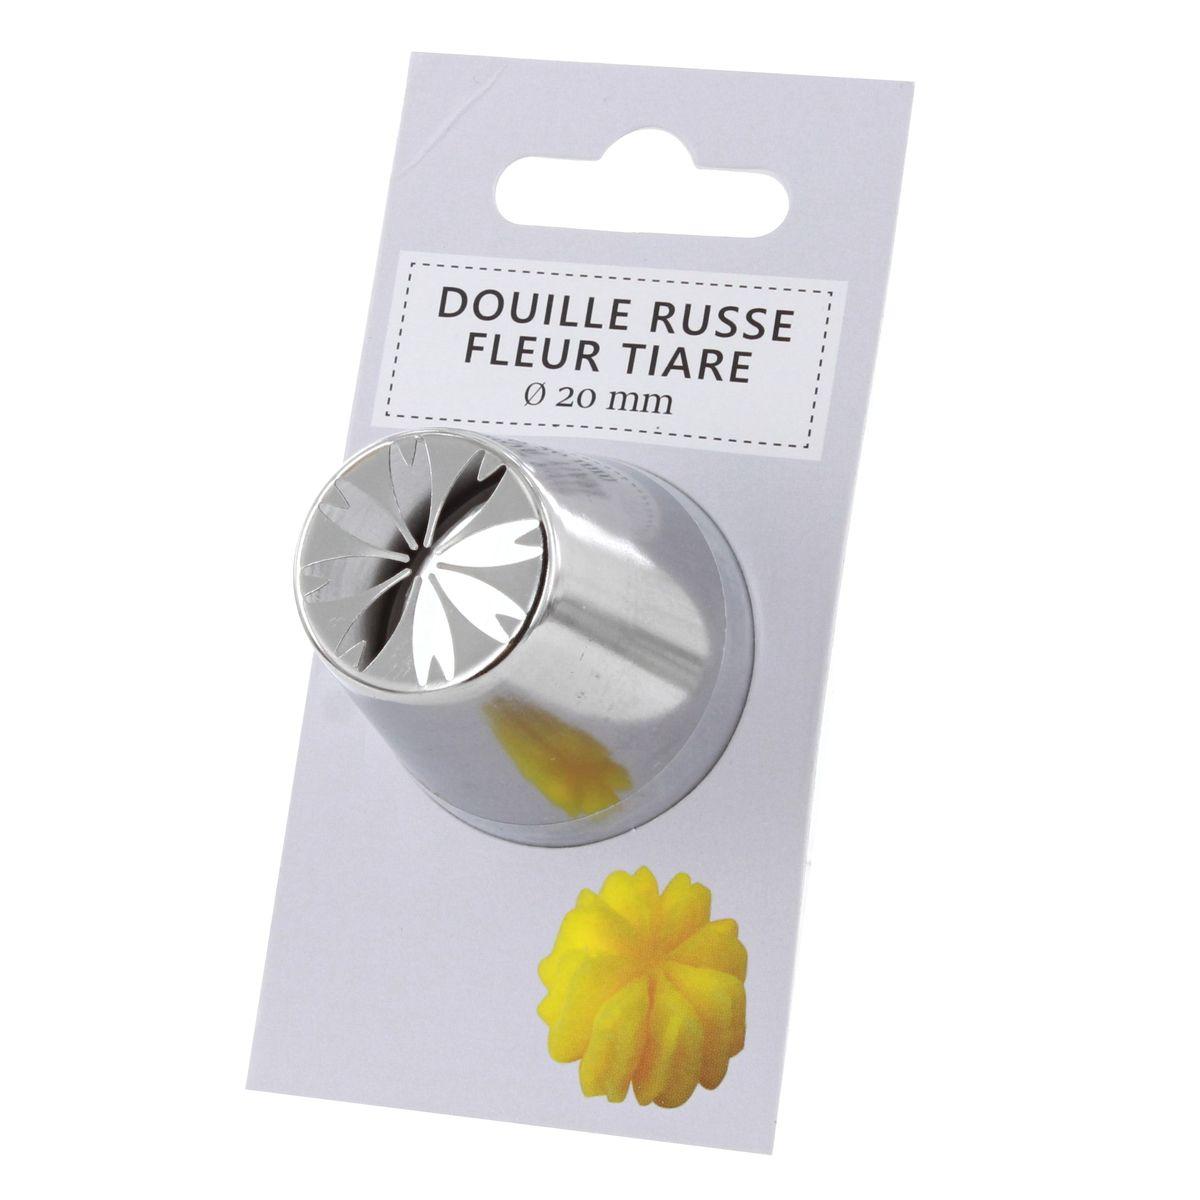 Douille inox russe fleur tiaré 20 mm